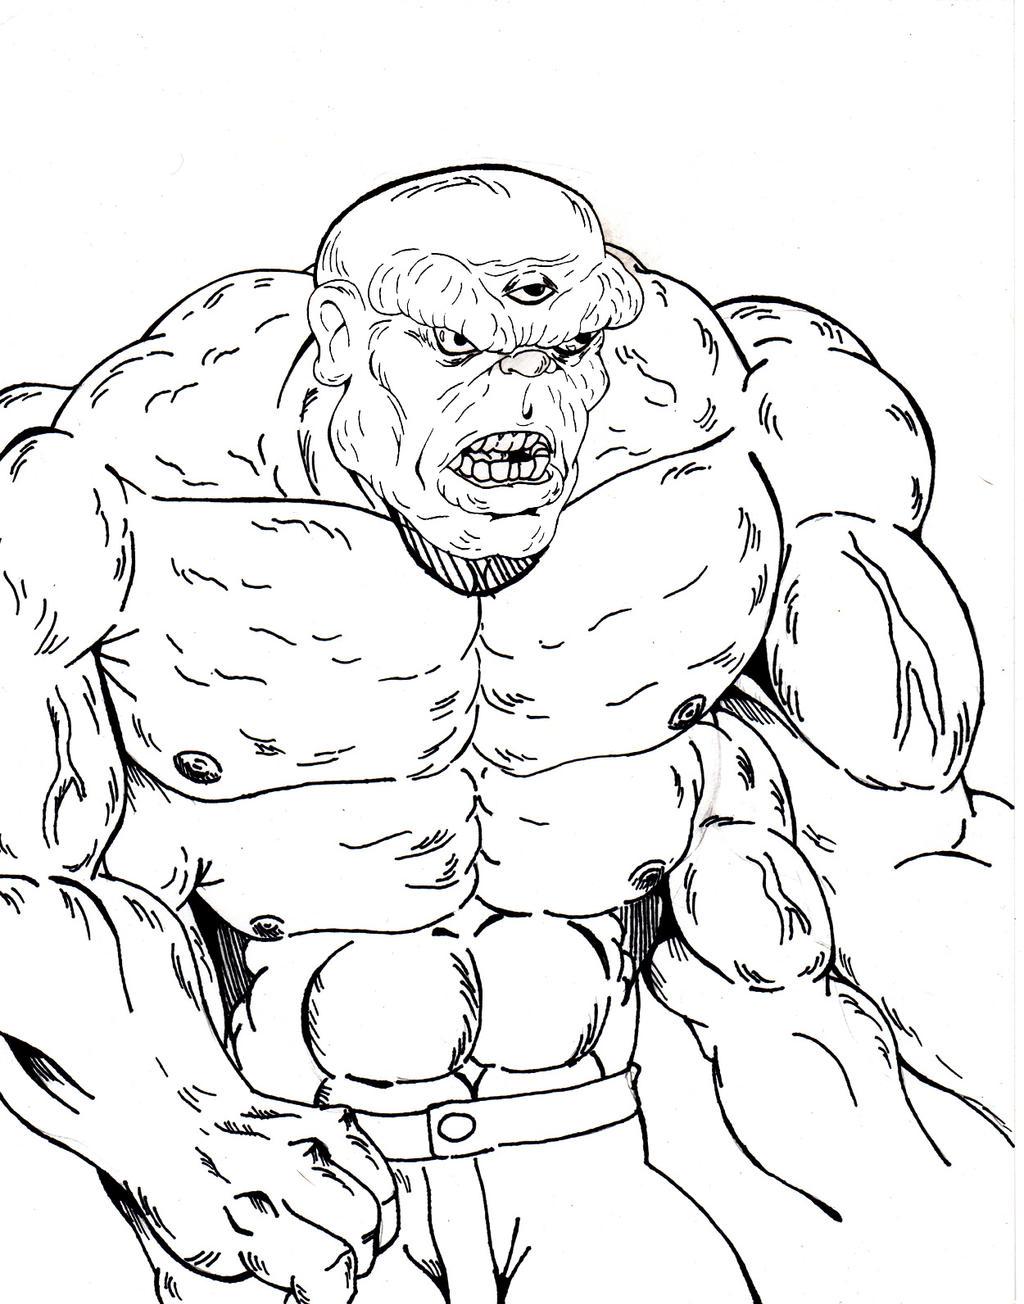 ART-OF-GEMINI's Profile Picture